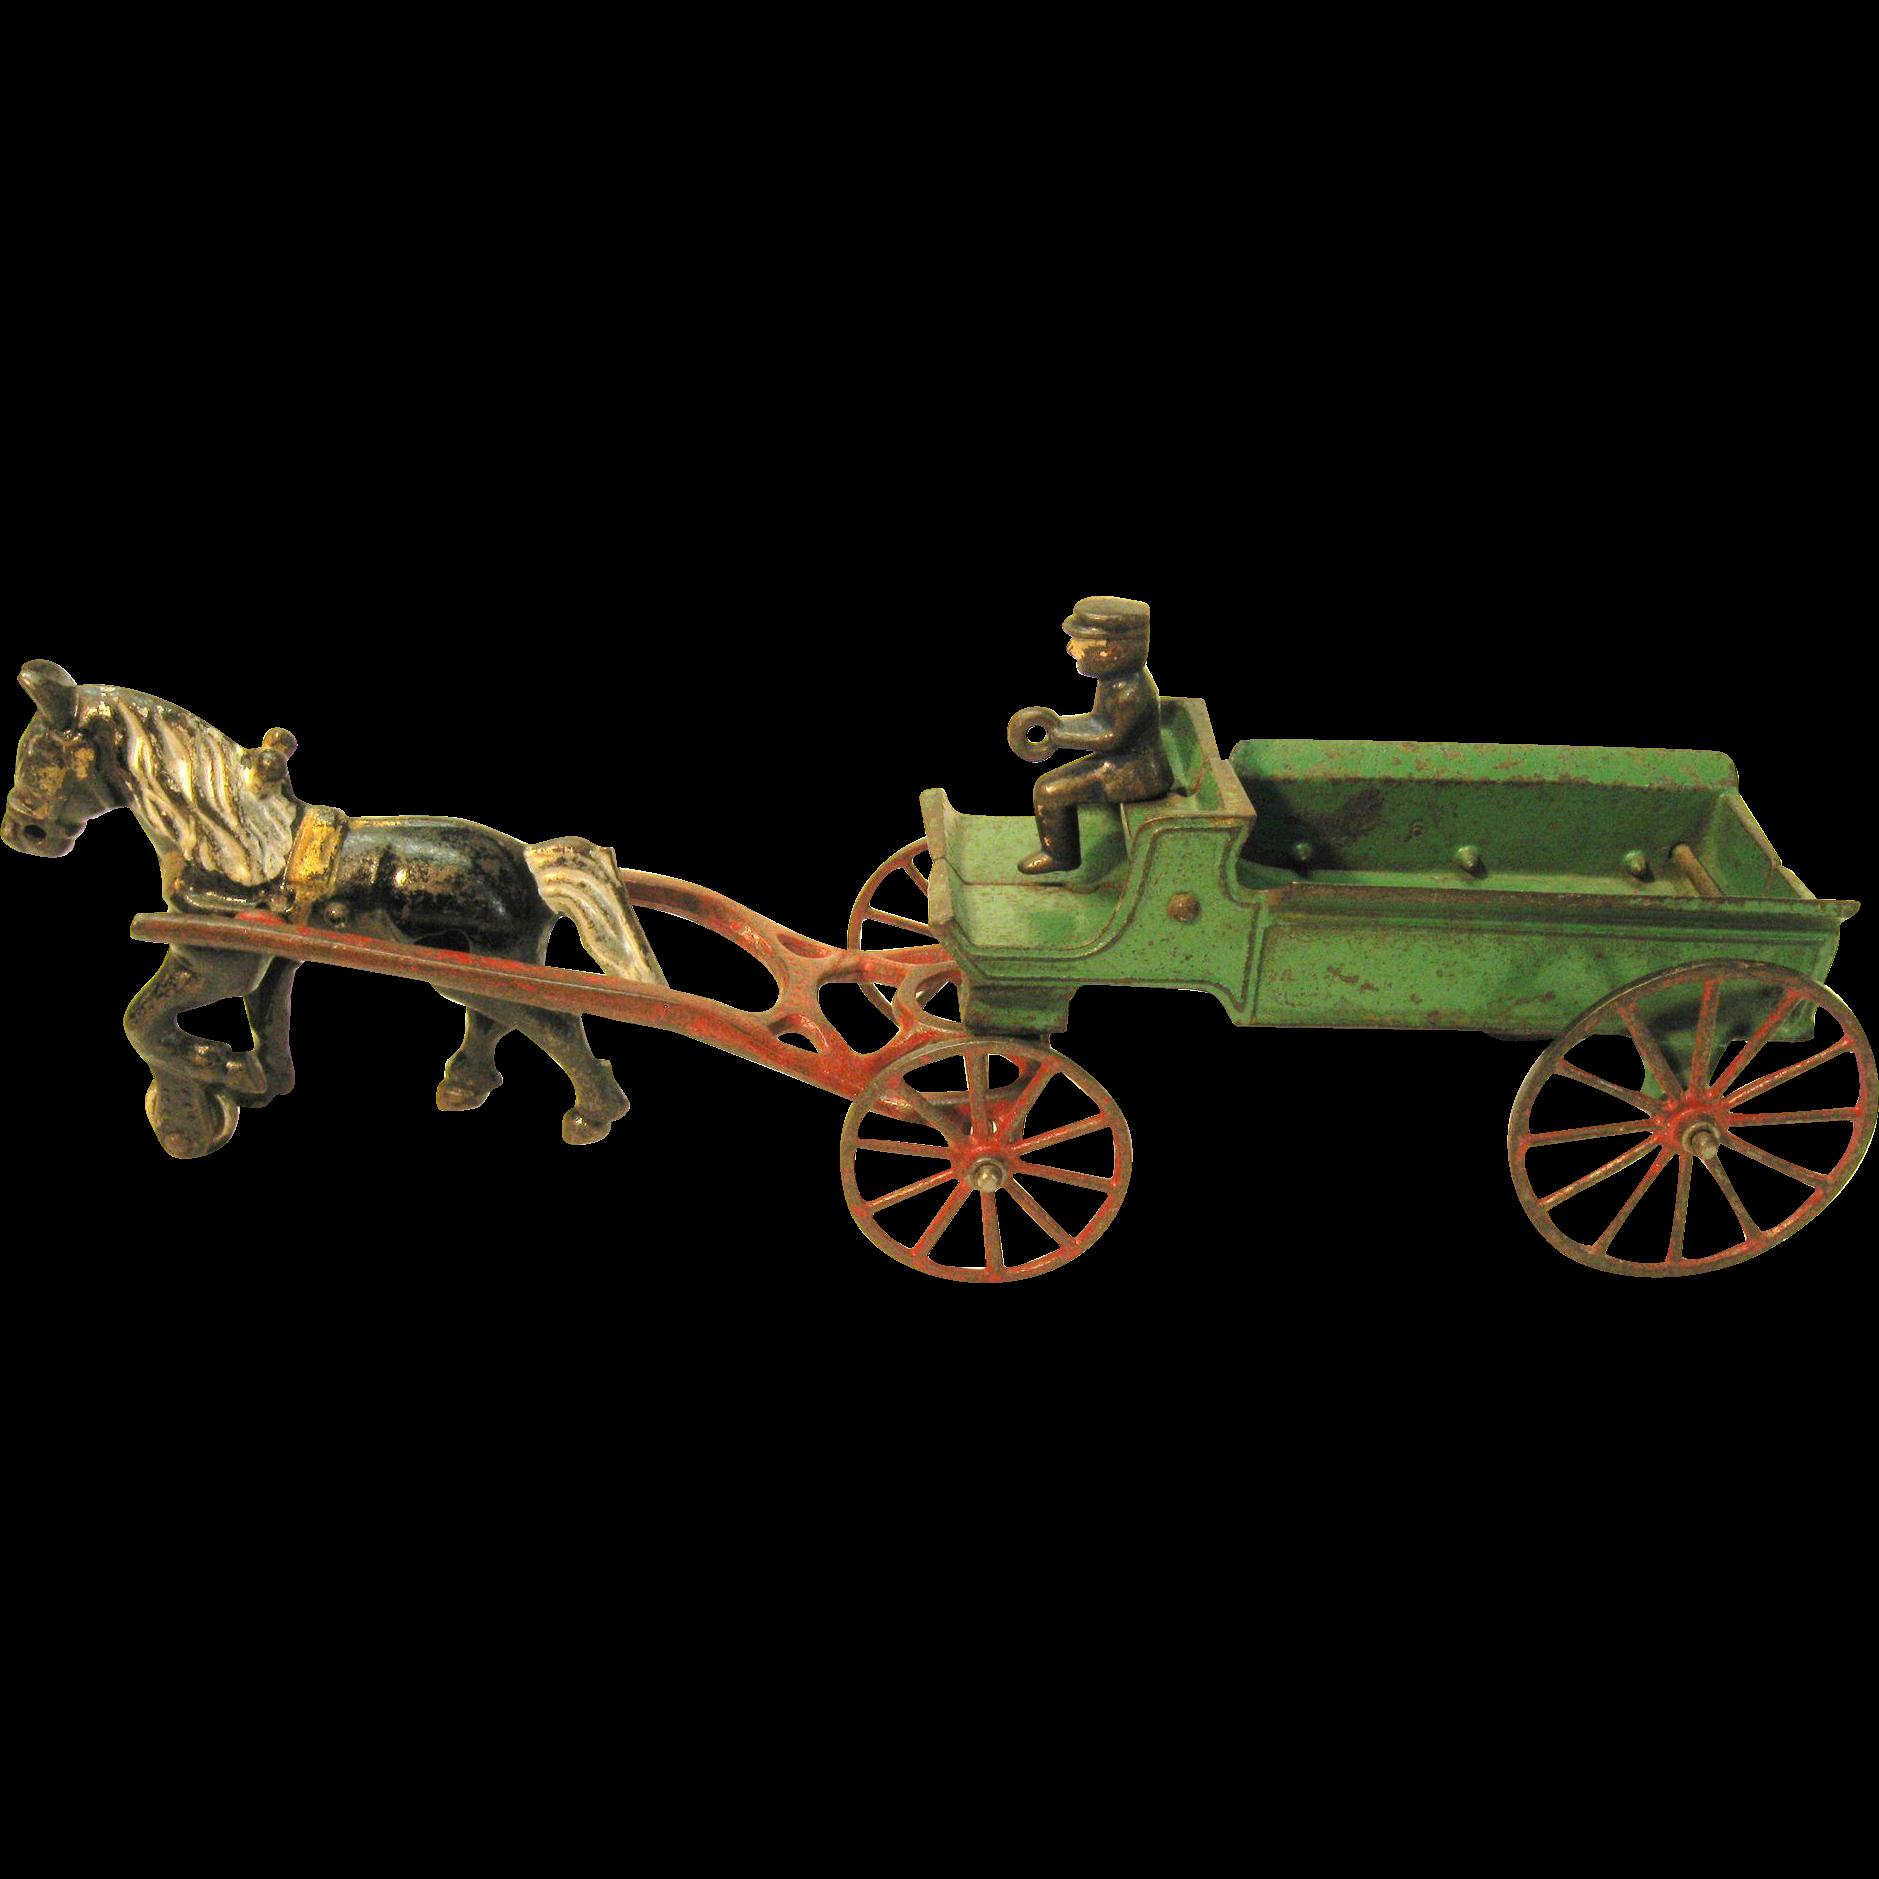 Vintage Kenton Toys Cast Iron Horse and Wagon